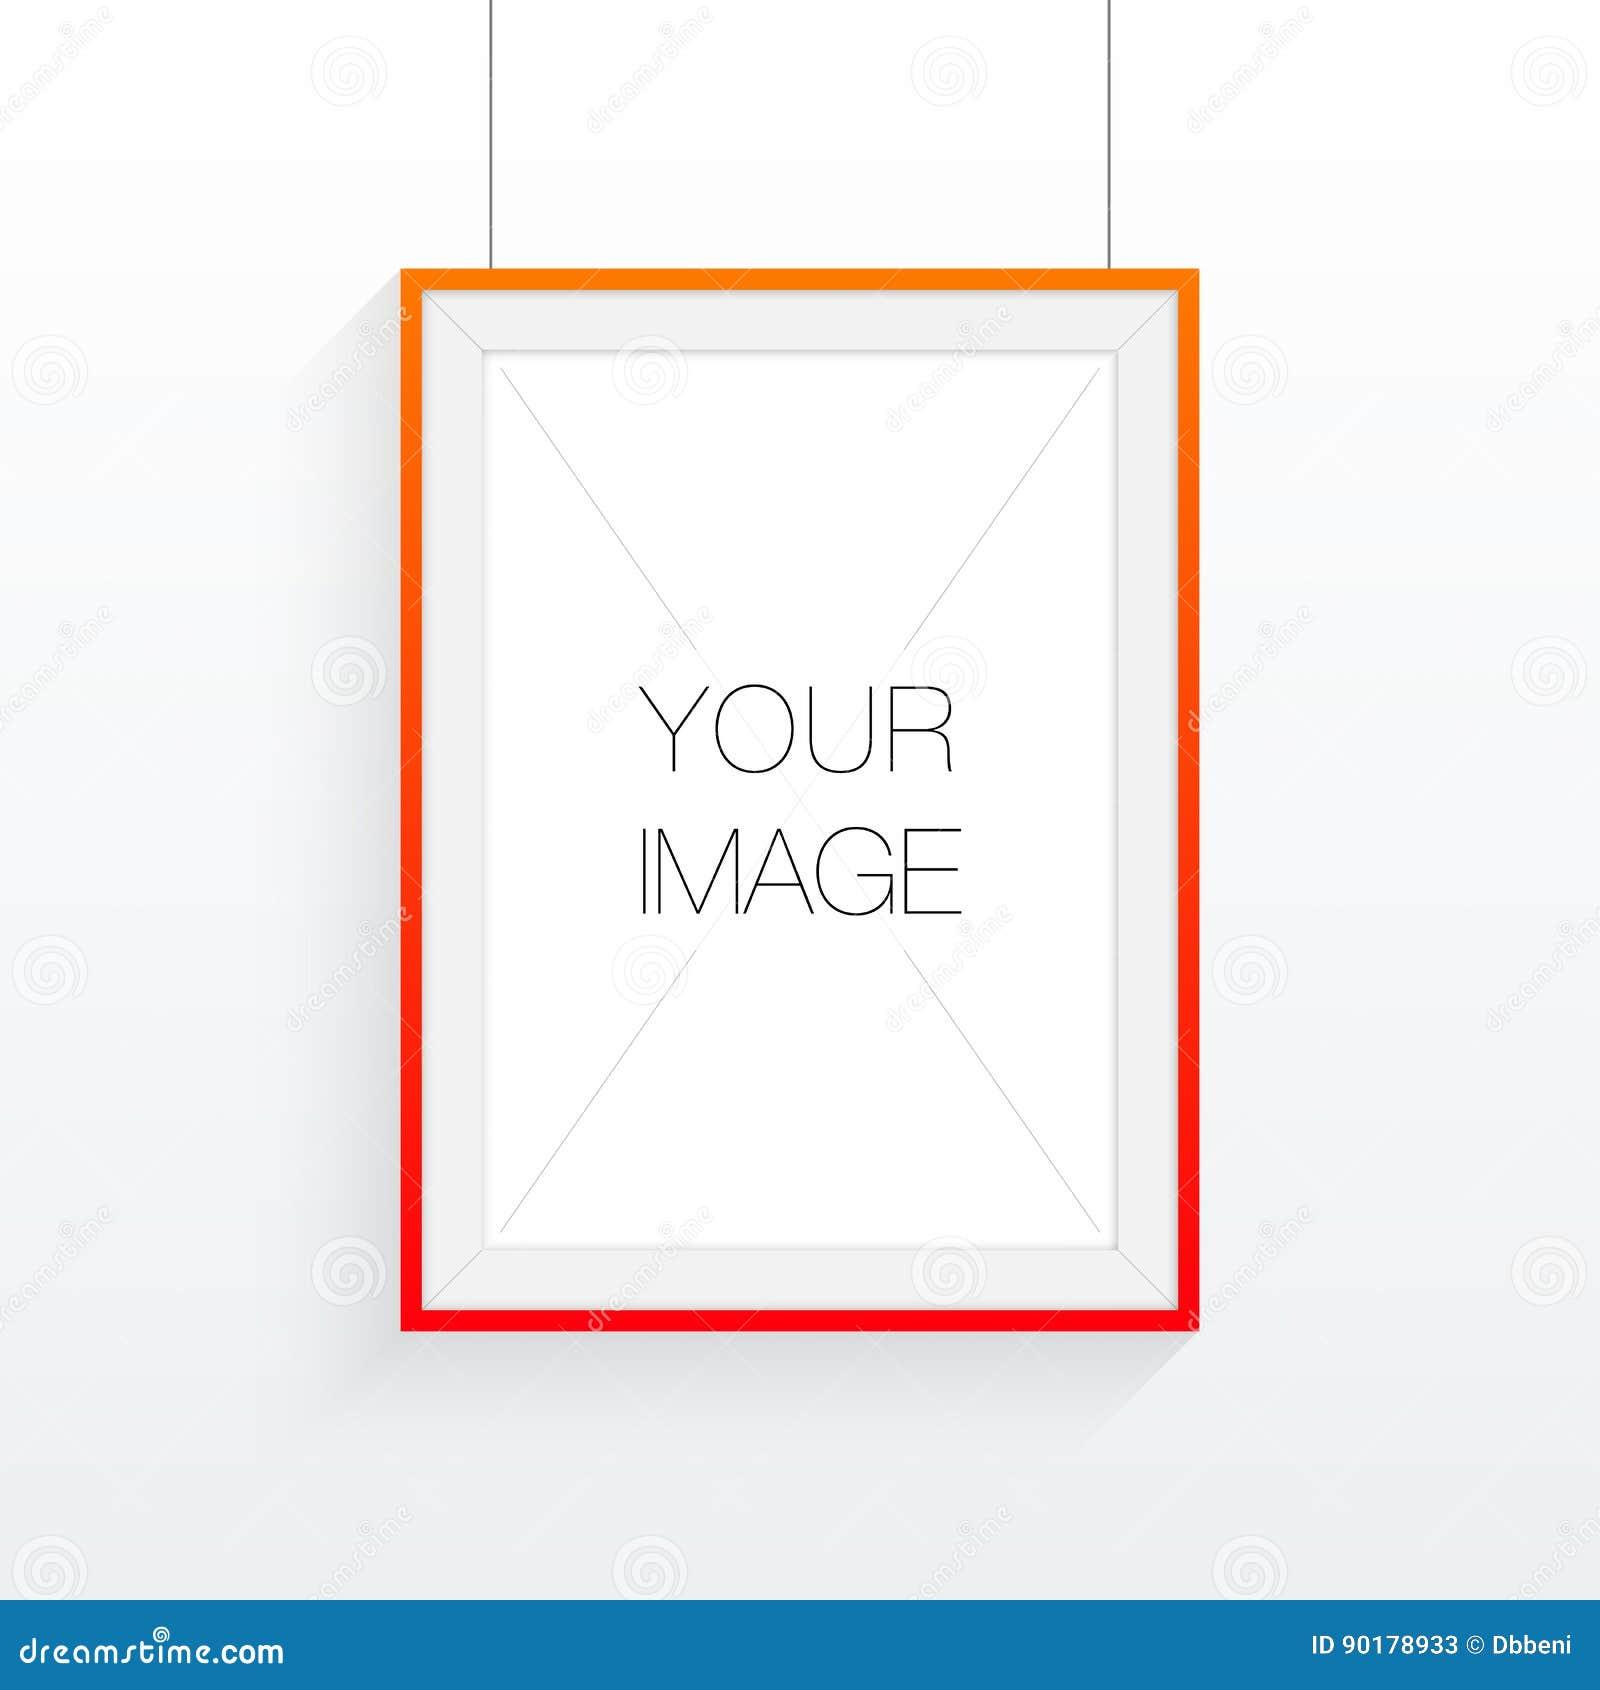 A4 / A3 het ontwerp van het formaatkader met uw tekst of beeld